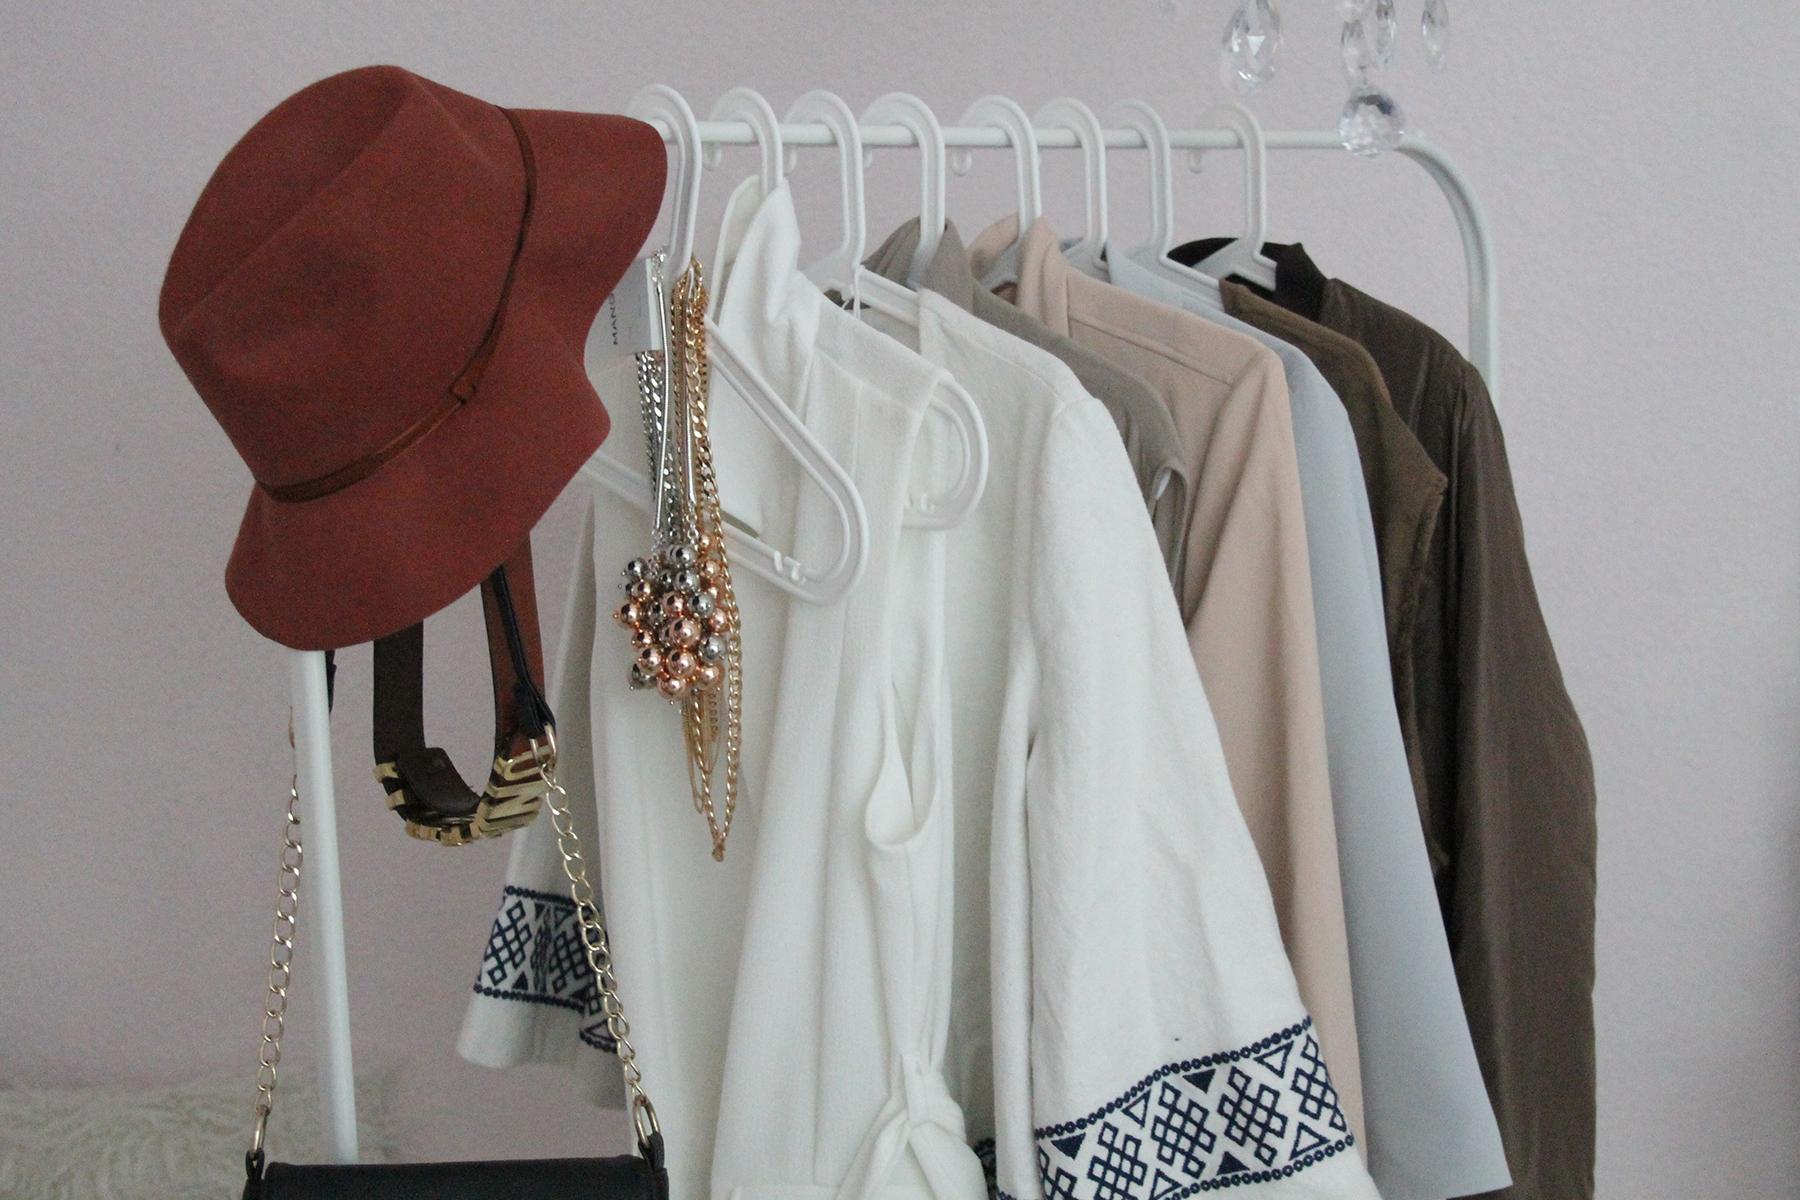 hut-primark-new-in-haul-modeblog-fashionblog-berlin-deutschland-beliebteste